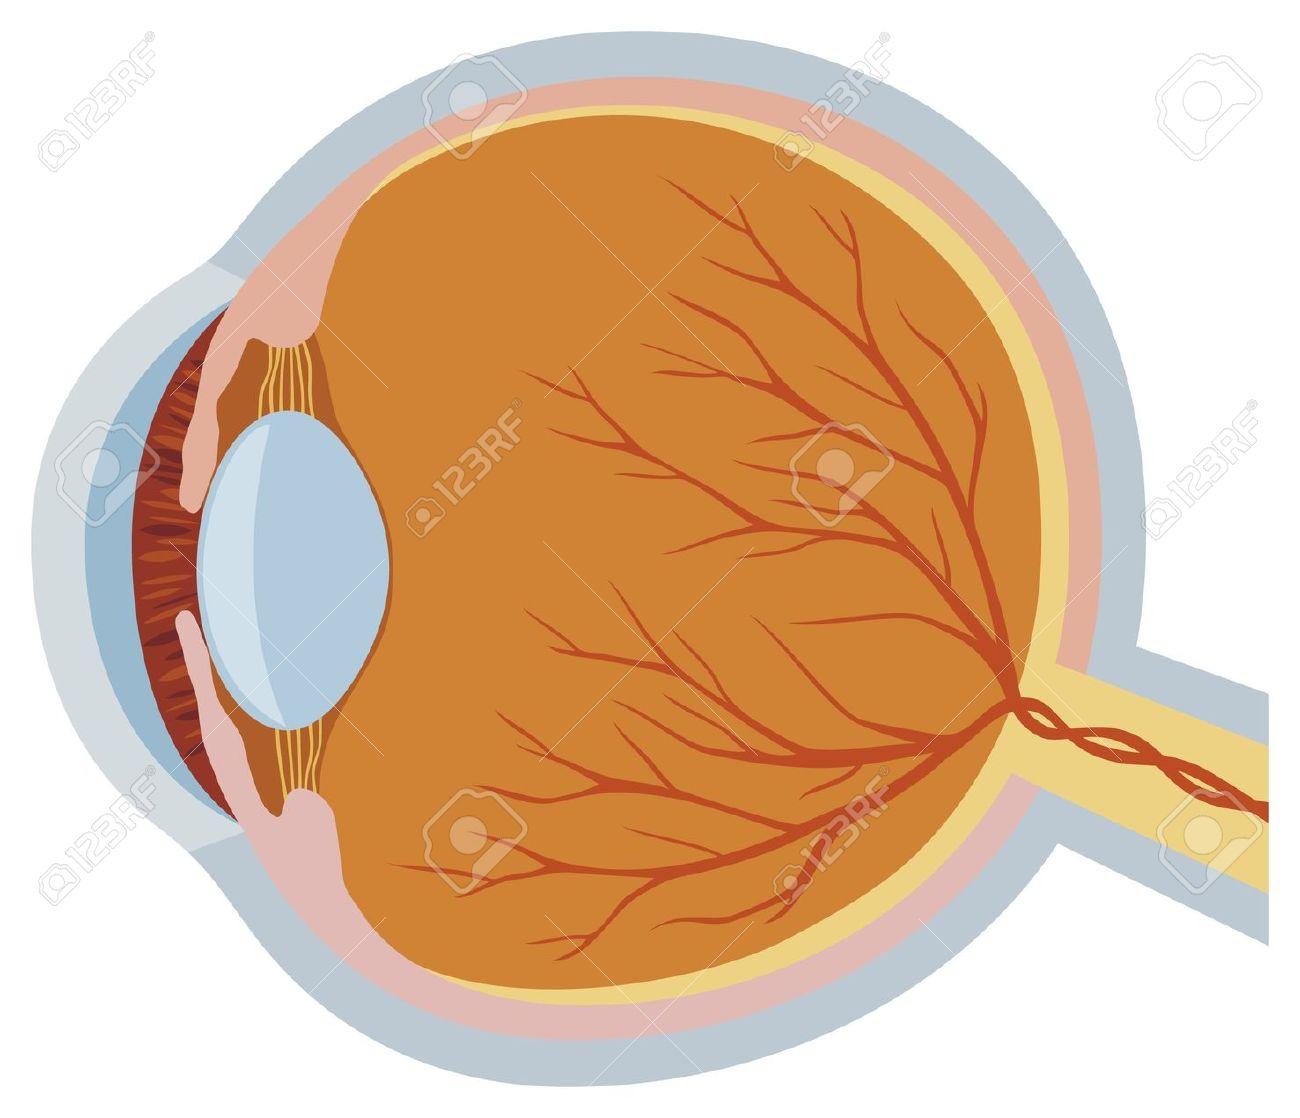 Eye Anatomy Vector Illustration Anatomy Of The Eye, Illustration.